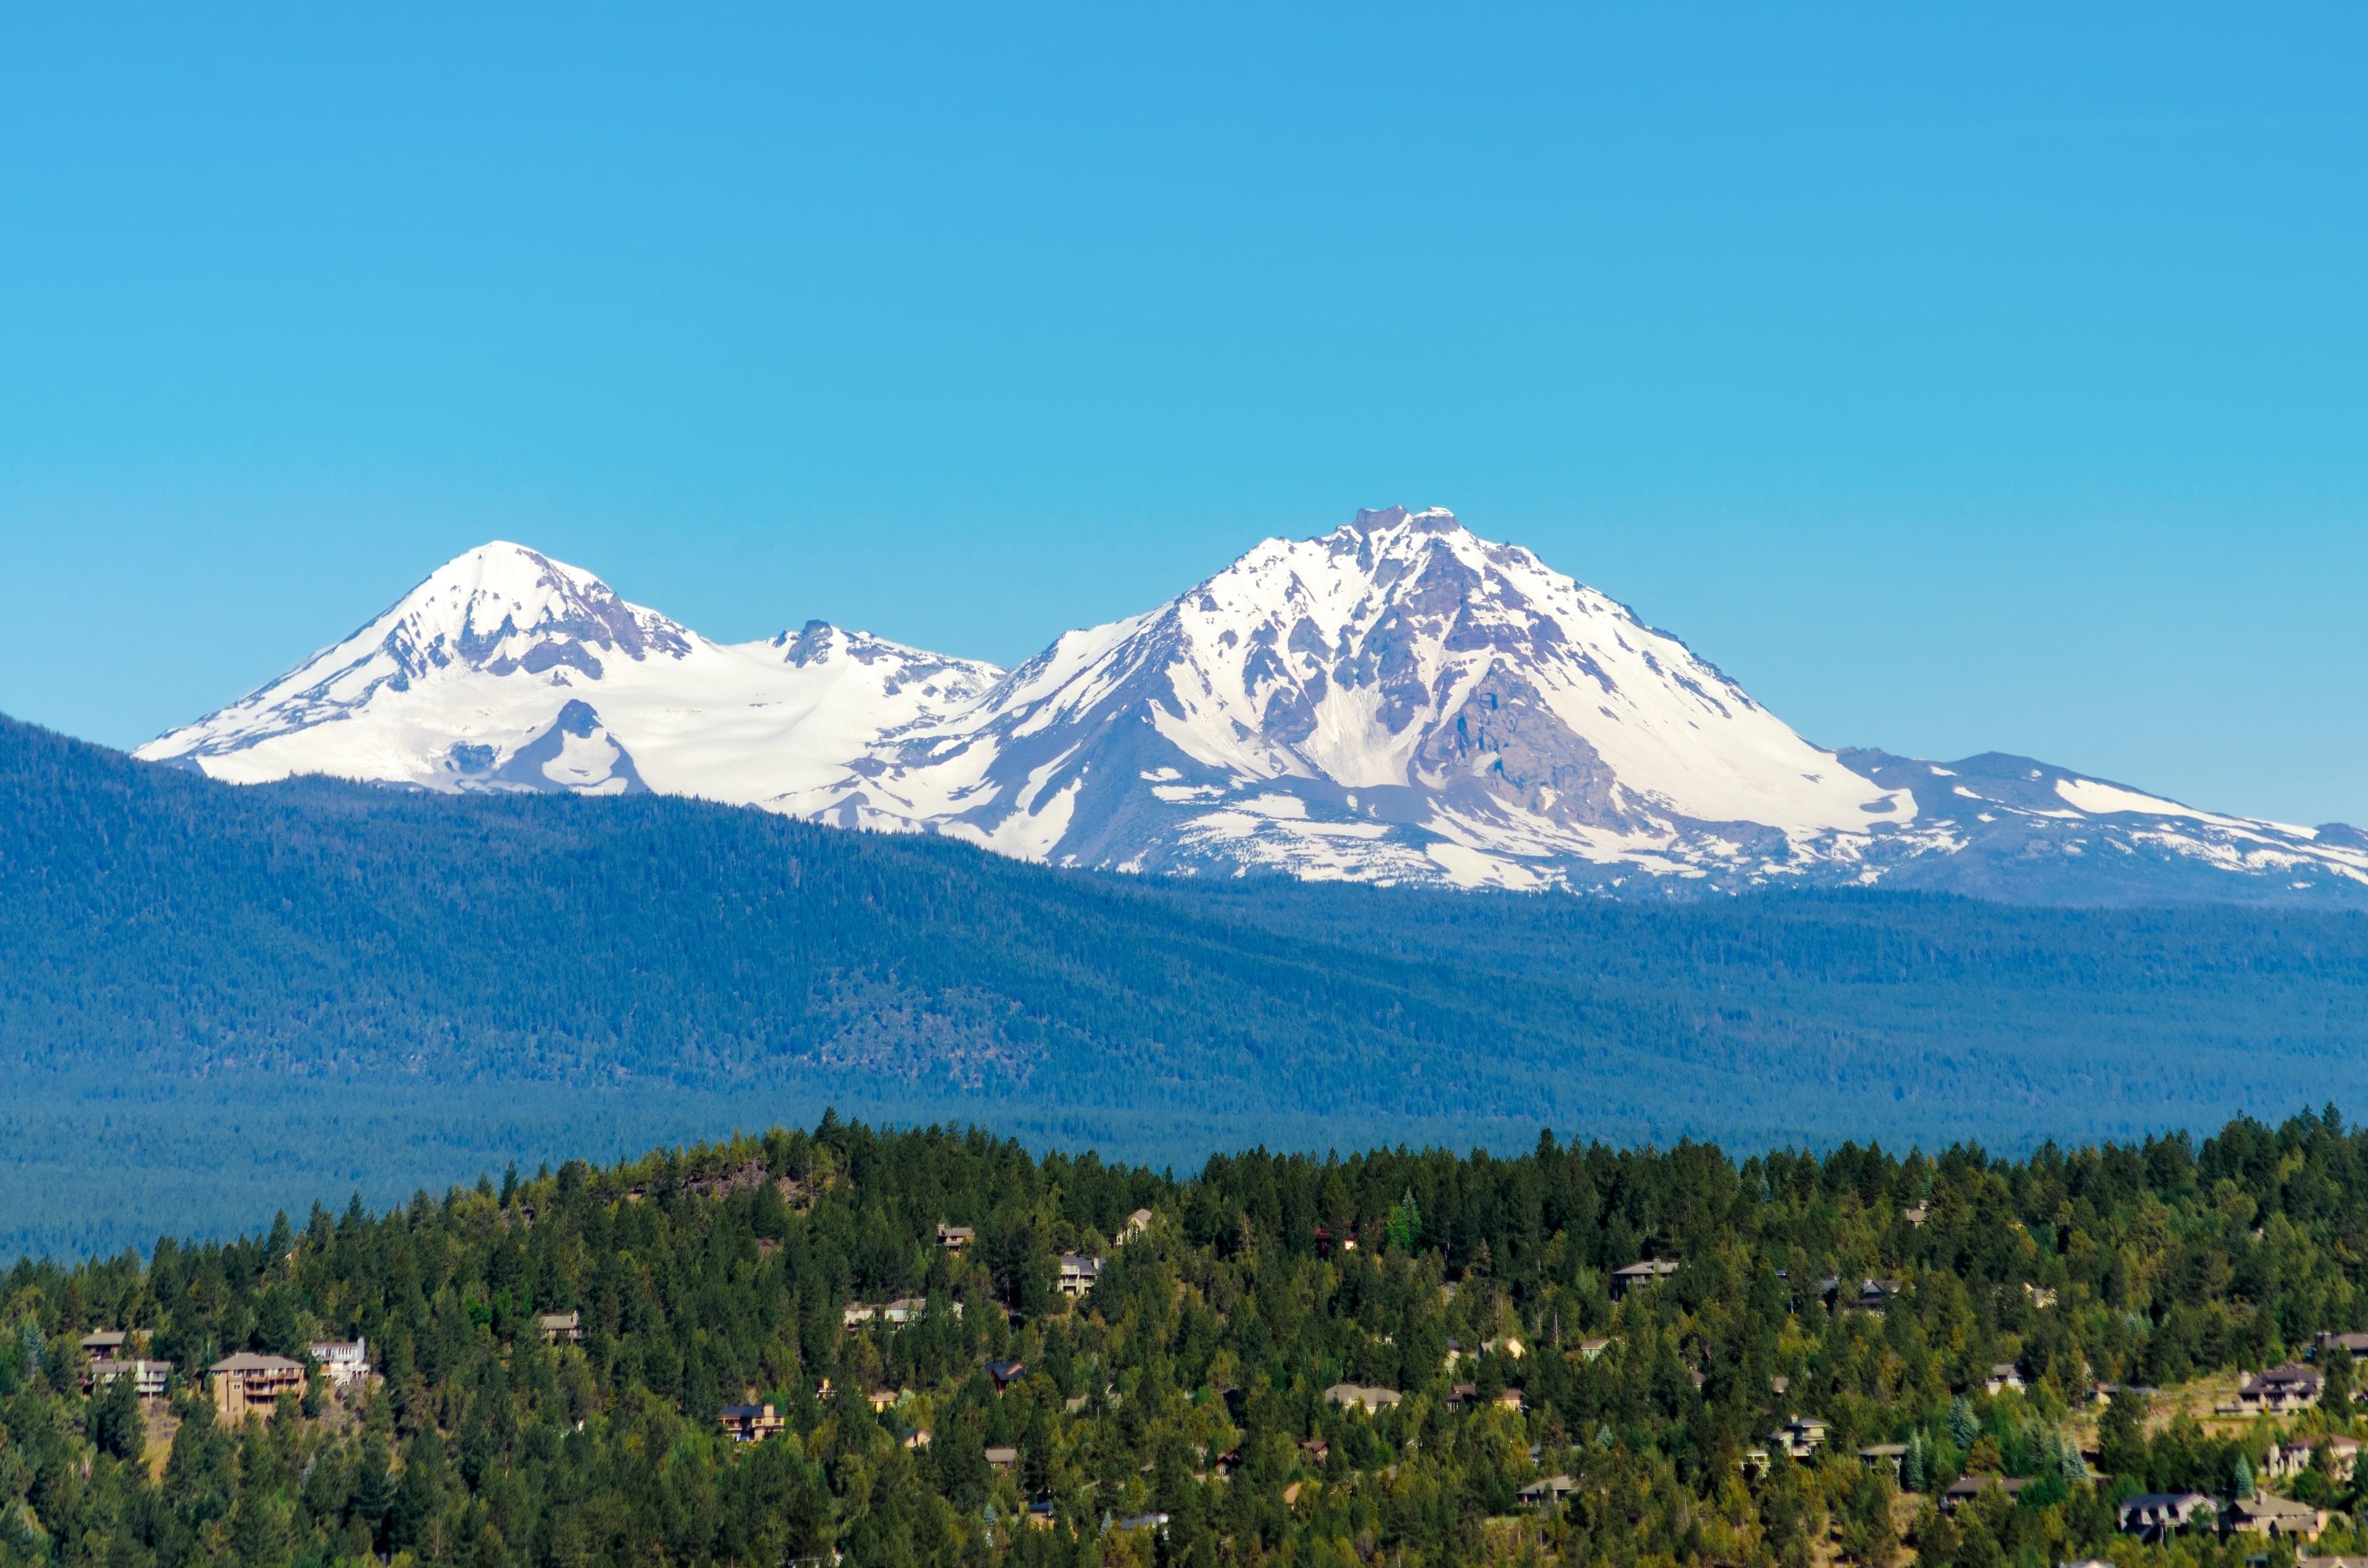 Klickitat County, Washington, United States of America